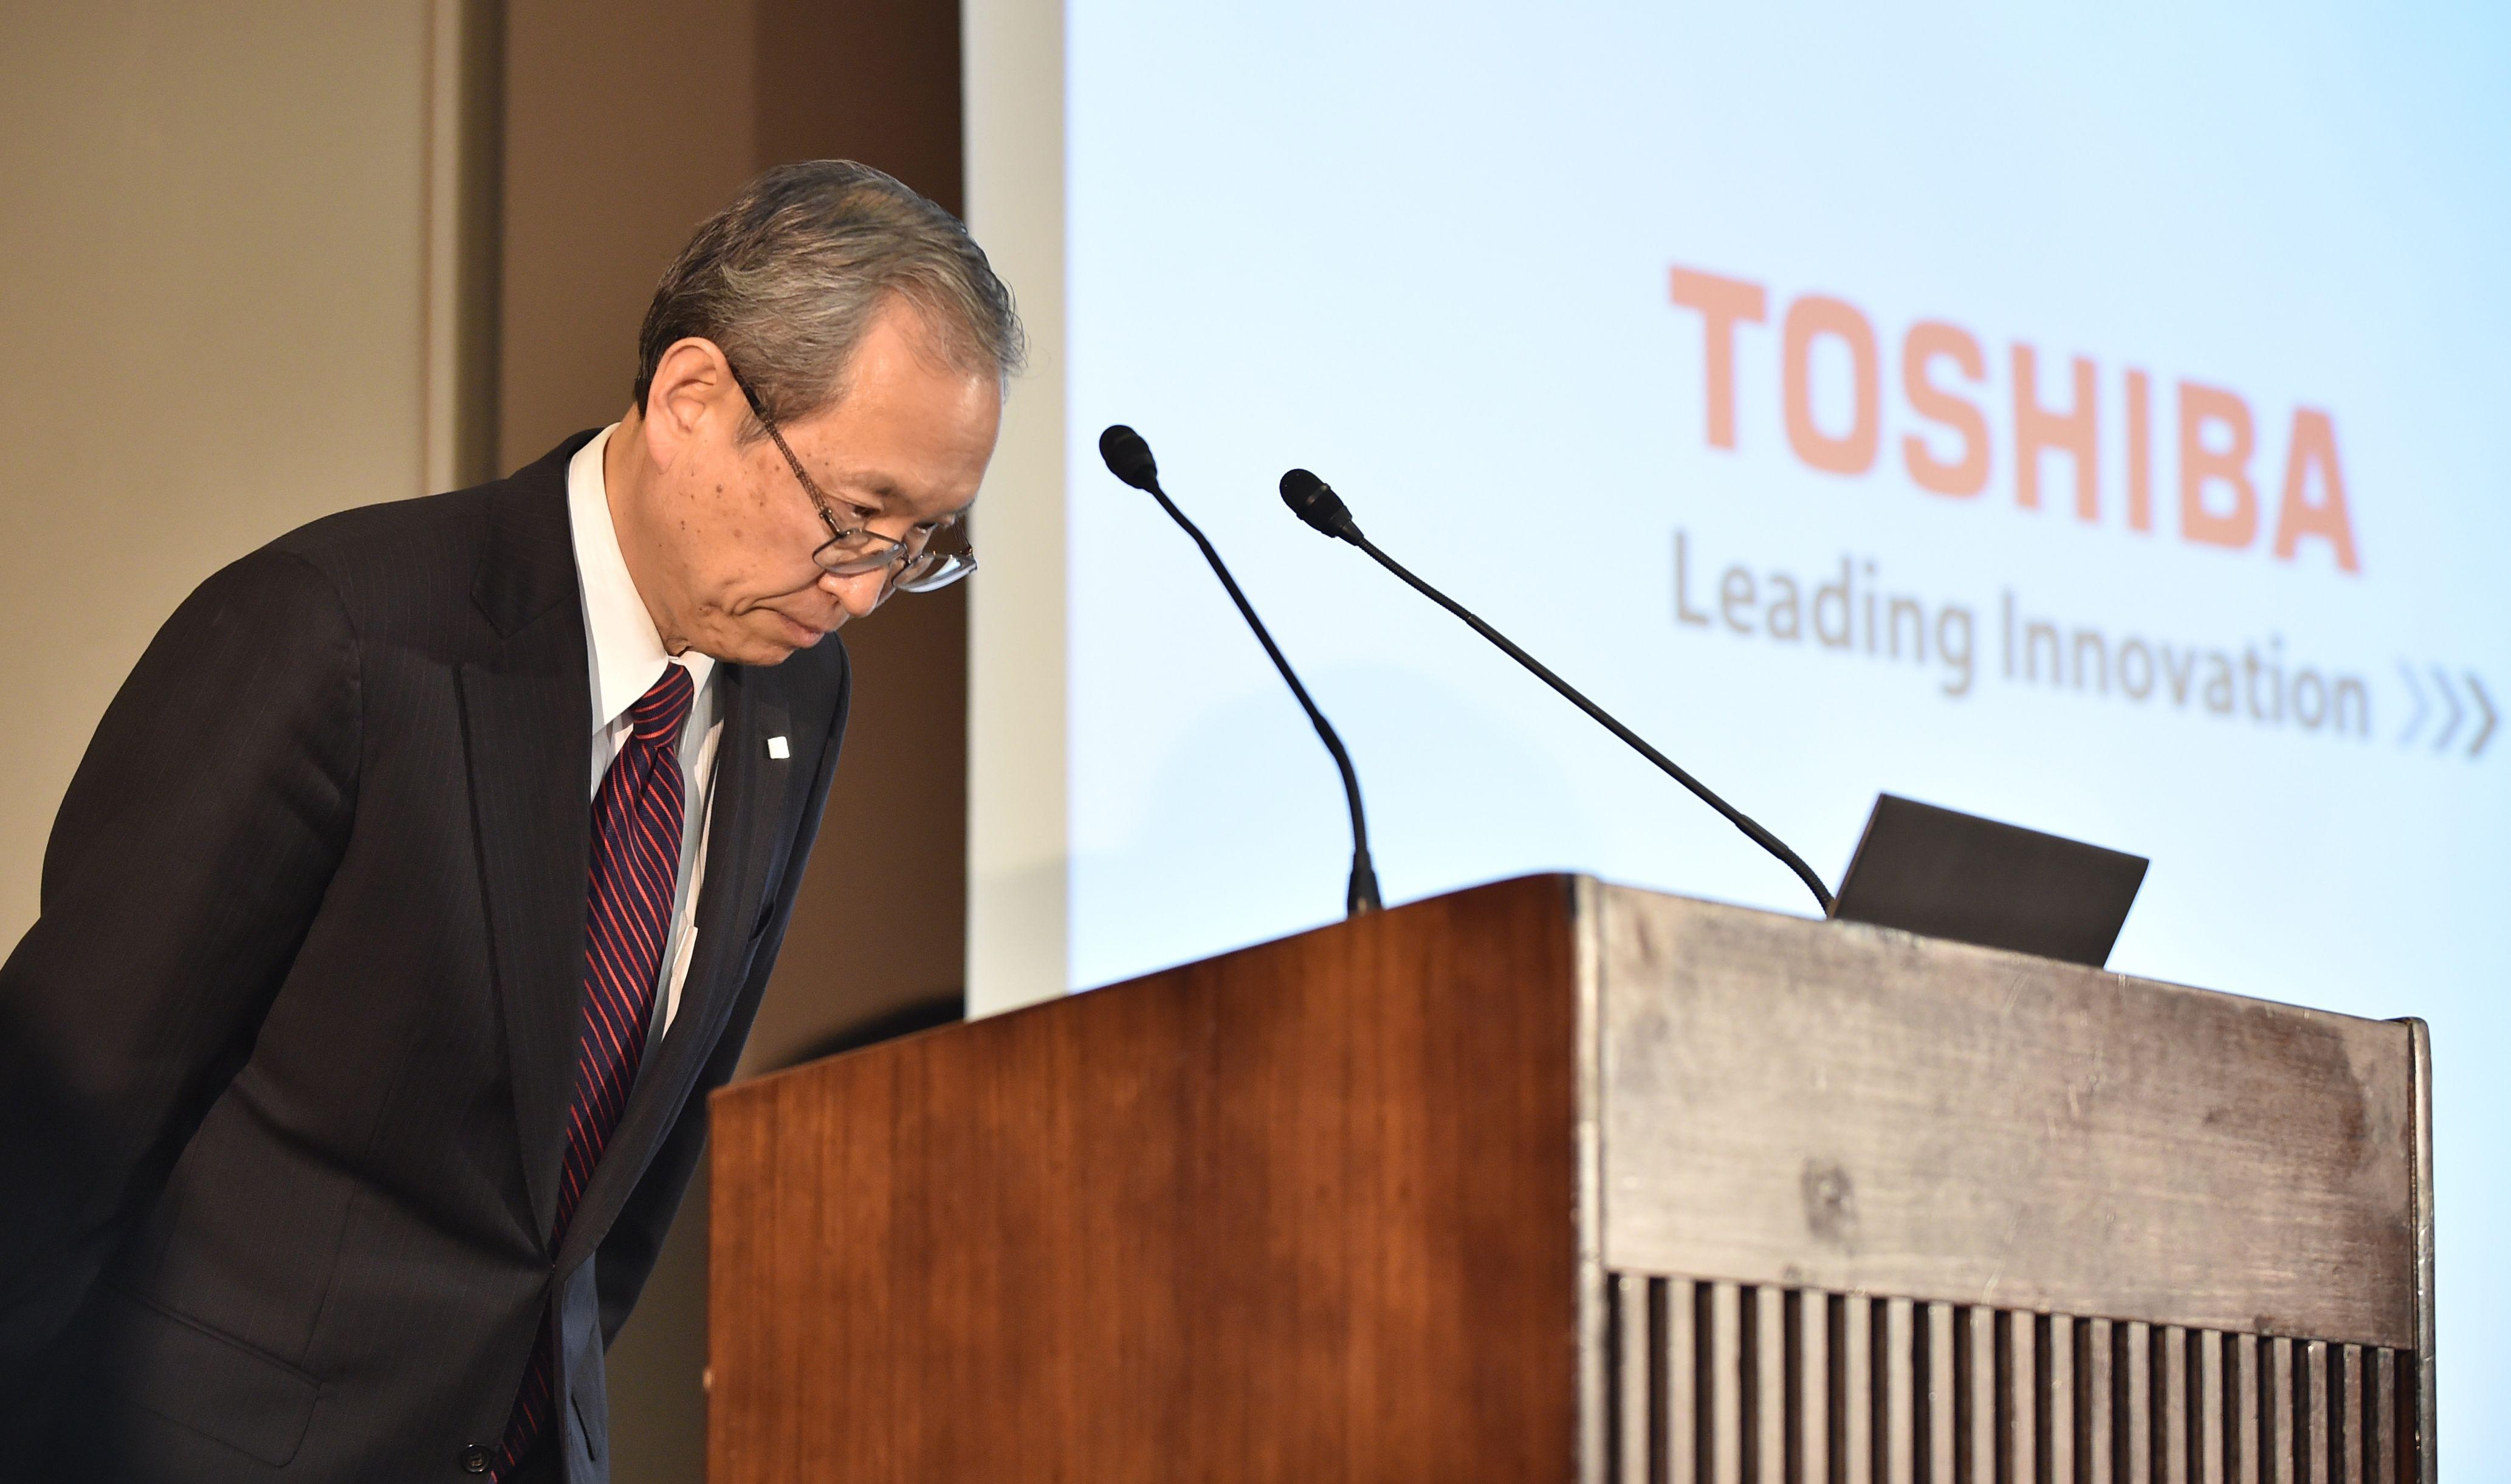 JAPAN-TOSHIBA-COMPANY-EARNINGS